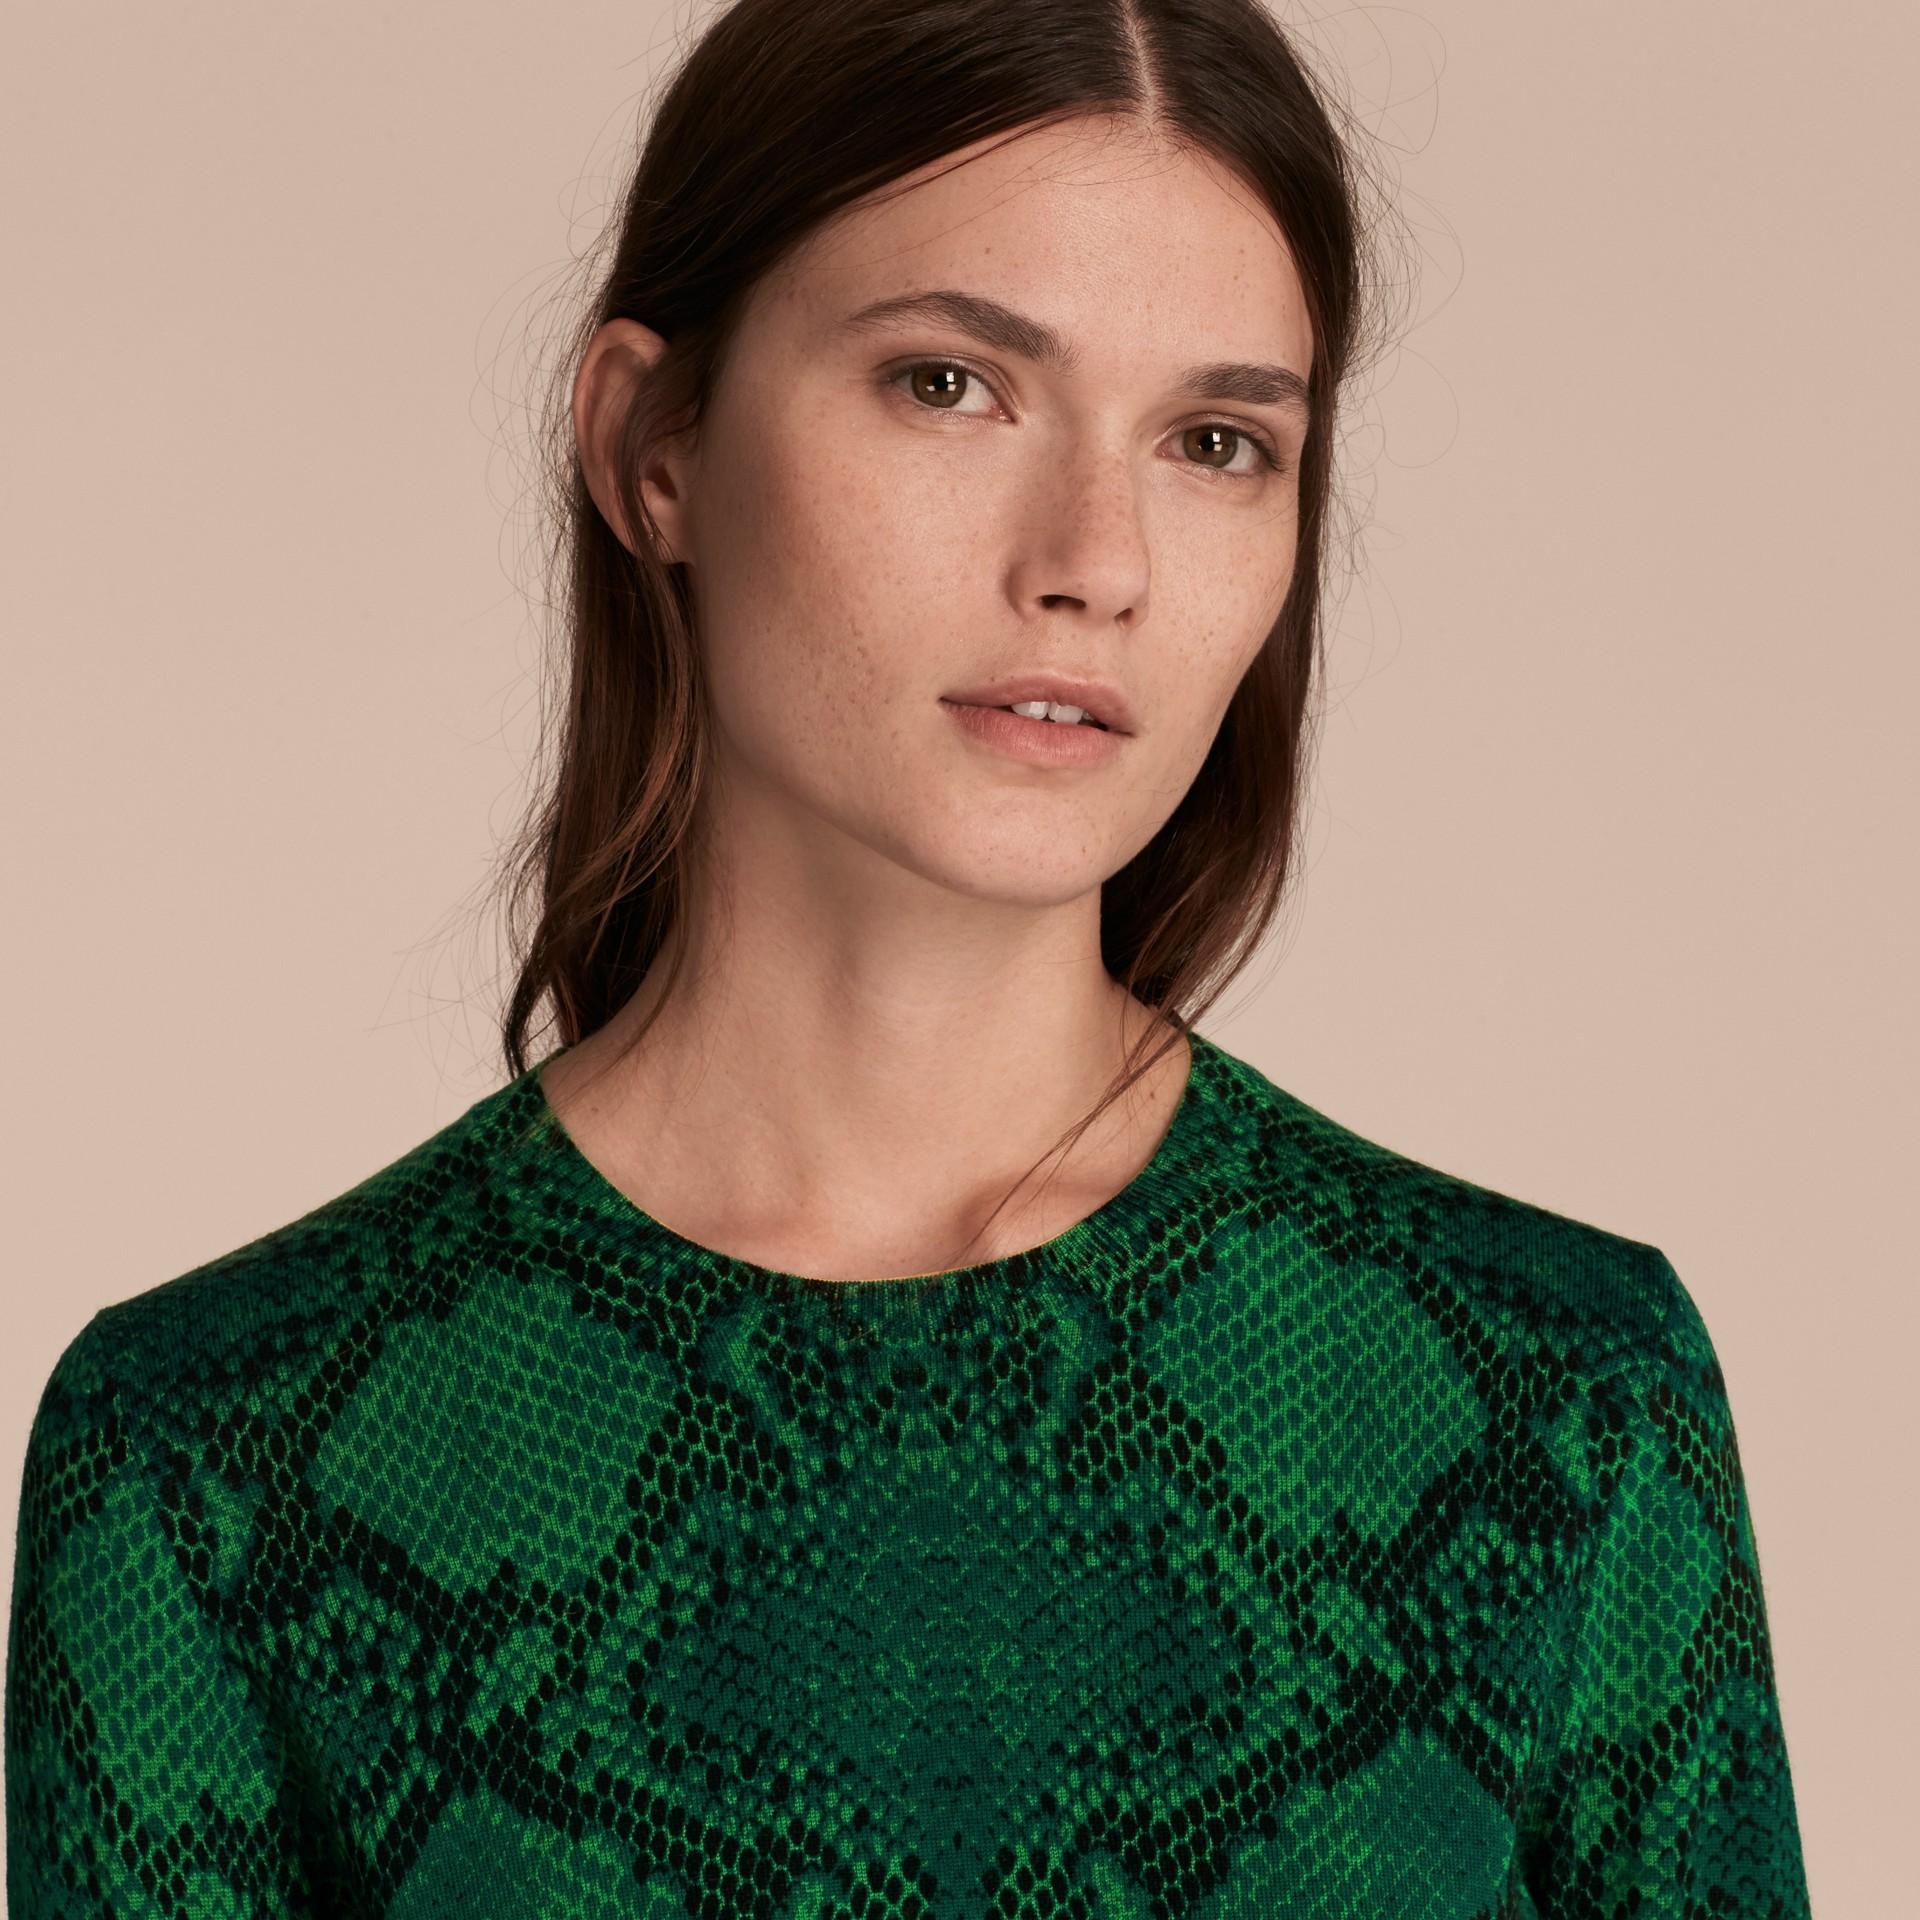 Verde pigmento Suéter de lã Merino com estampa de píton e detalhe xadrez Verde Pigmento - galeria de imagens 5